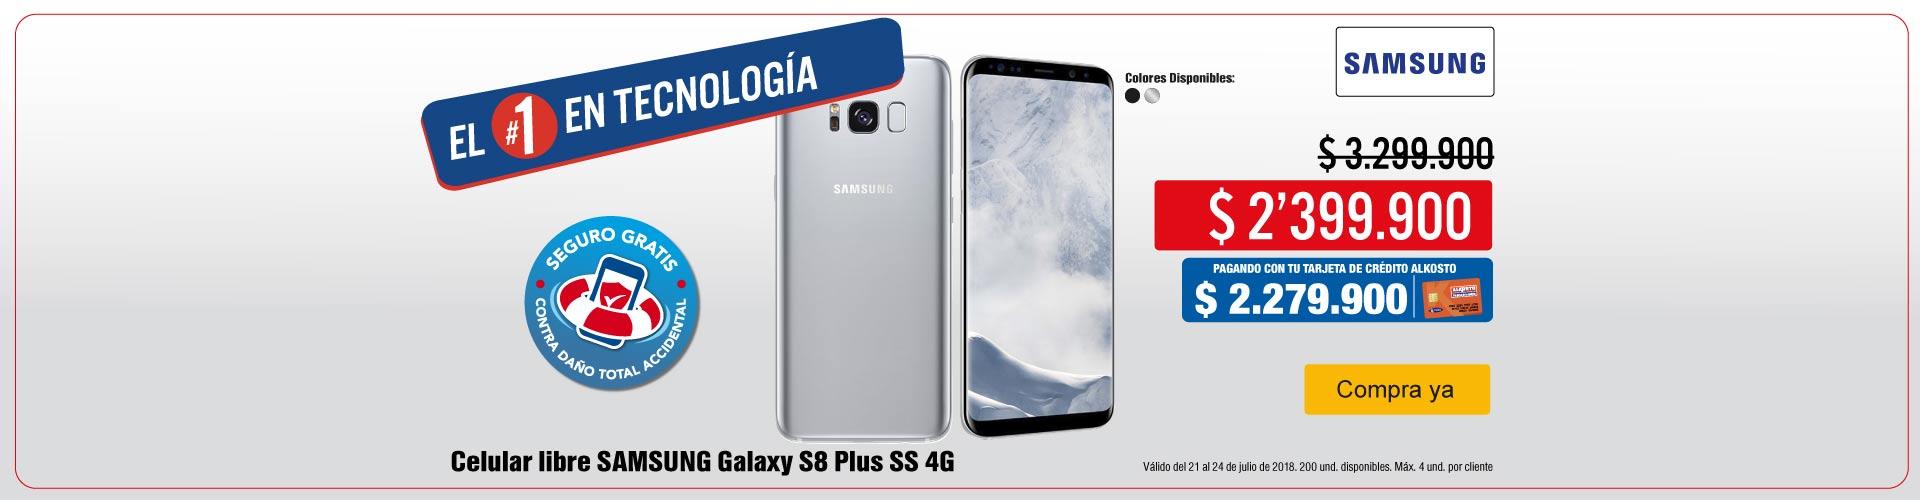 KT-PPAL-2-celulares-PP---Samsung-S8Plus-Jul2!